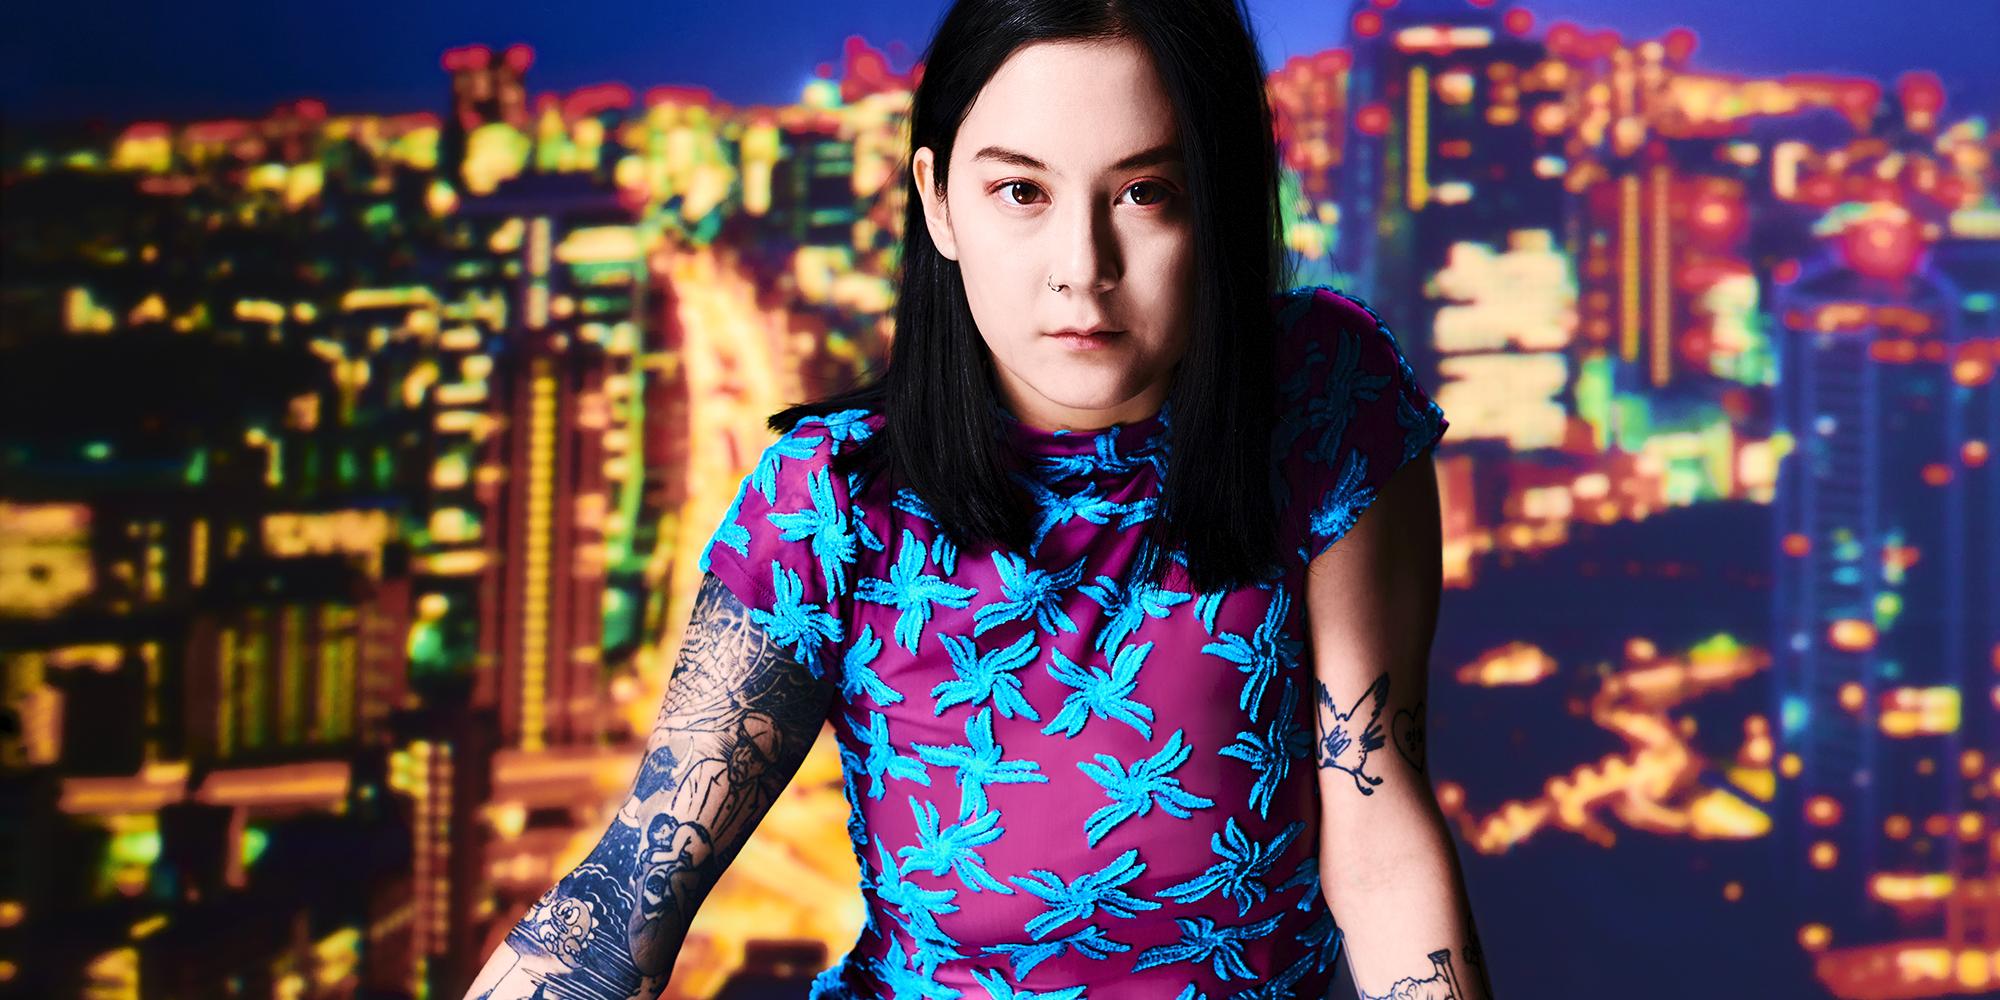 Texto alternativo: Fotografia de Michelle Zauner. A artista está com cabelo solto e um vestido roxo com estampa azul. Ela está na frente de um plano de fundo que imita uma grande cidade à noite, toda iluminada.